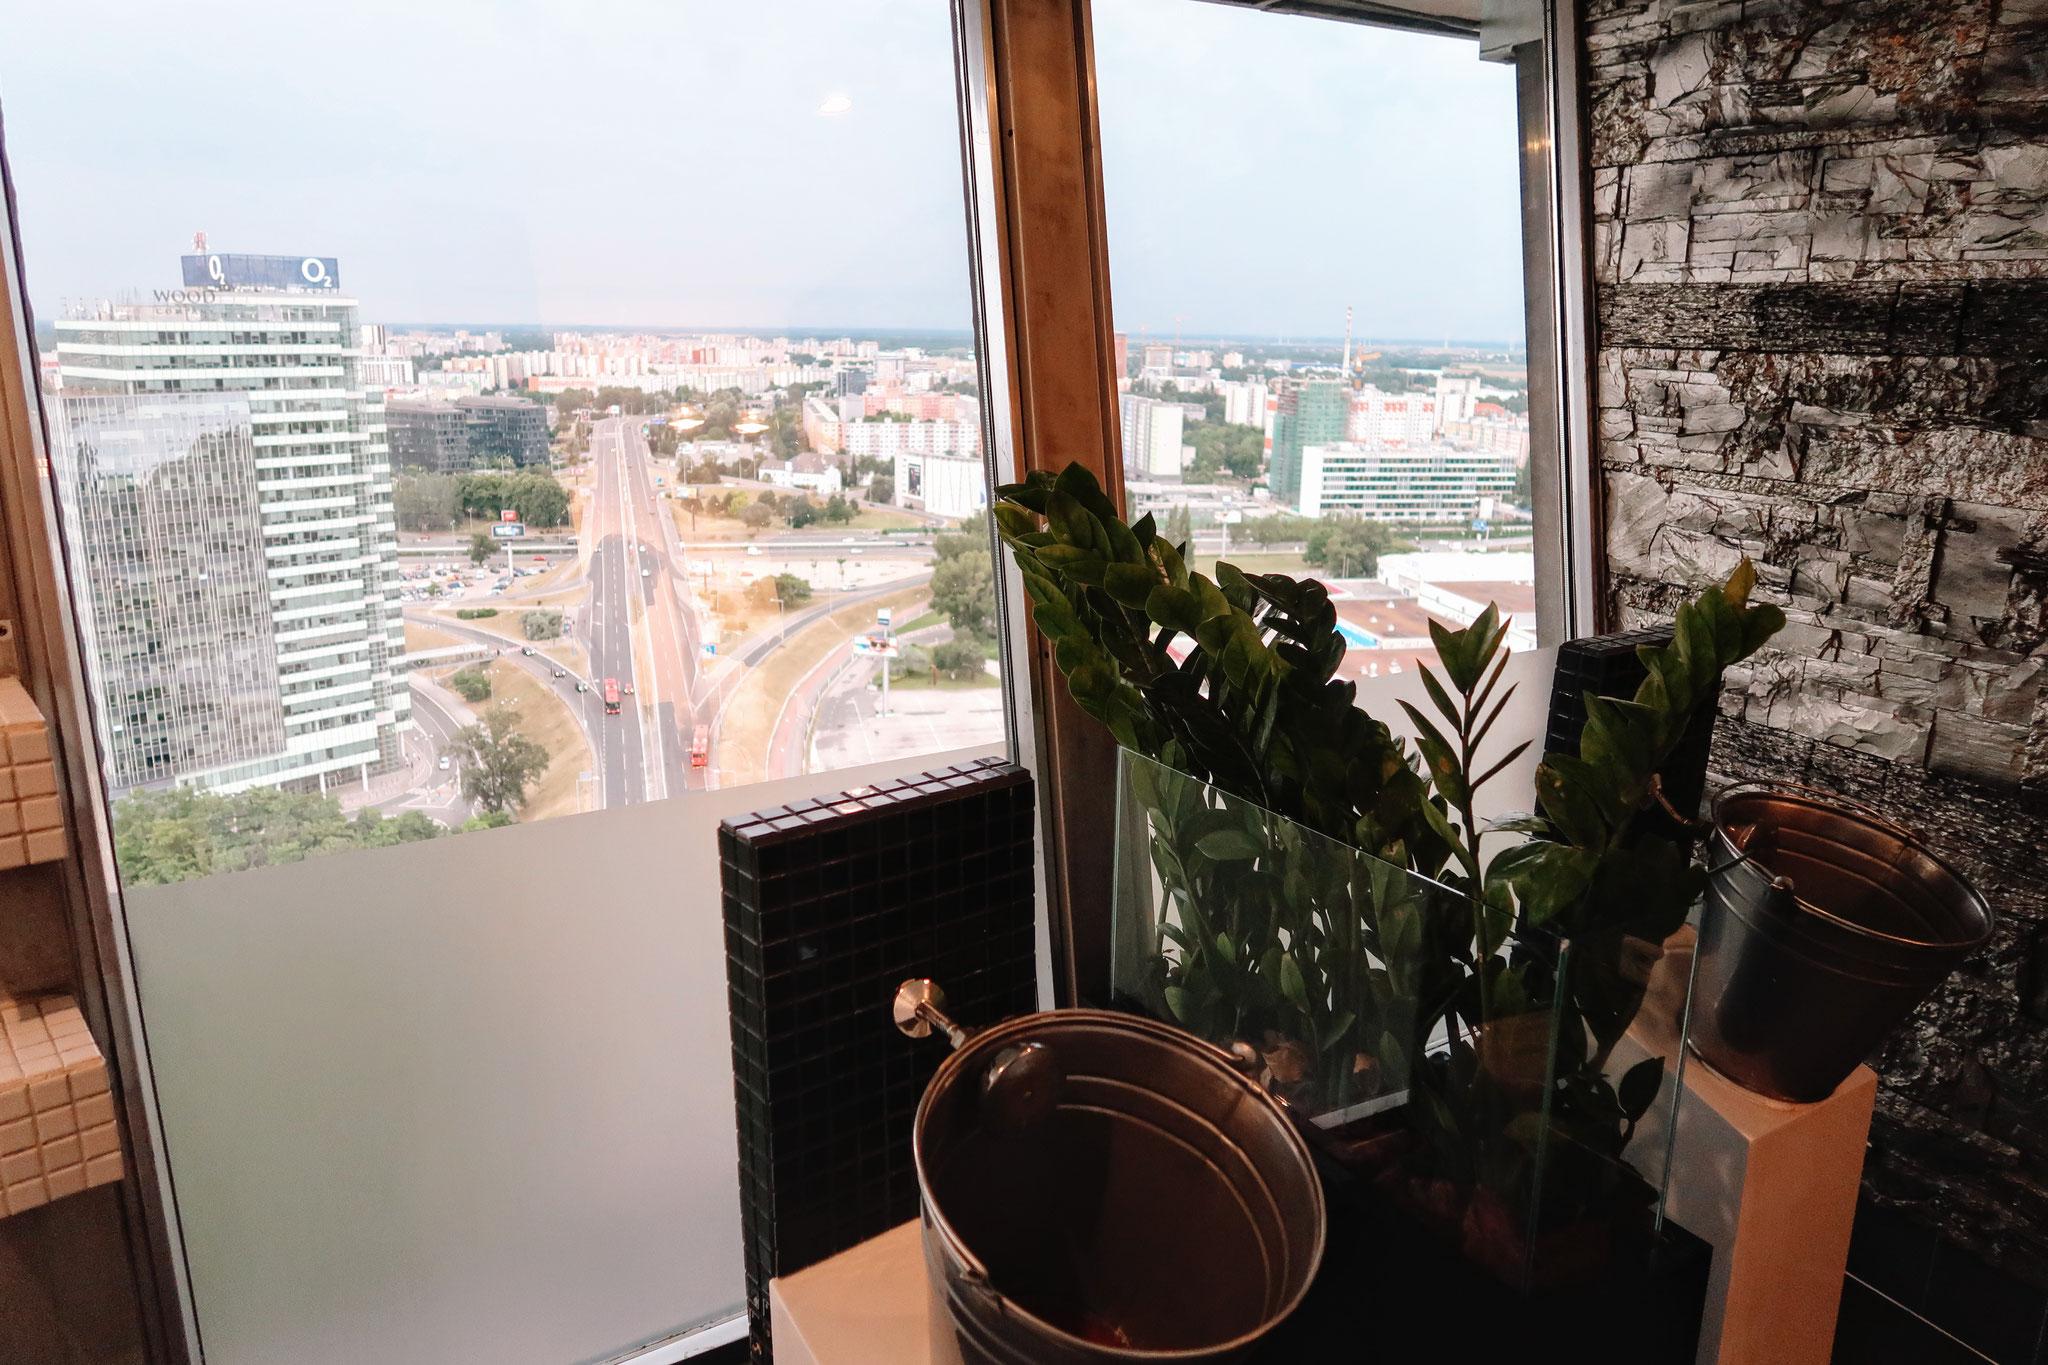 WC mit Aussicht im Turm der SNP Brücke